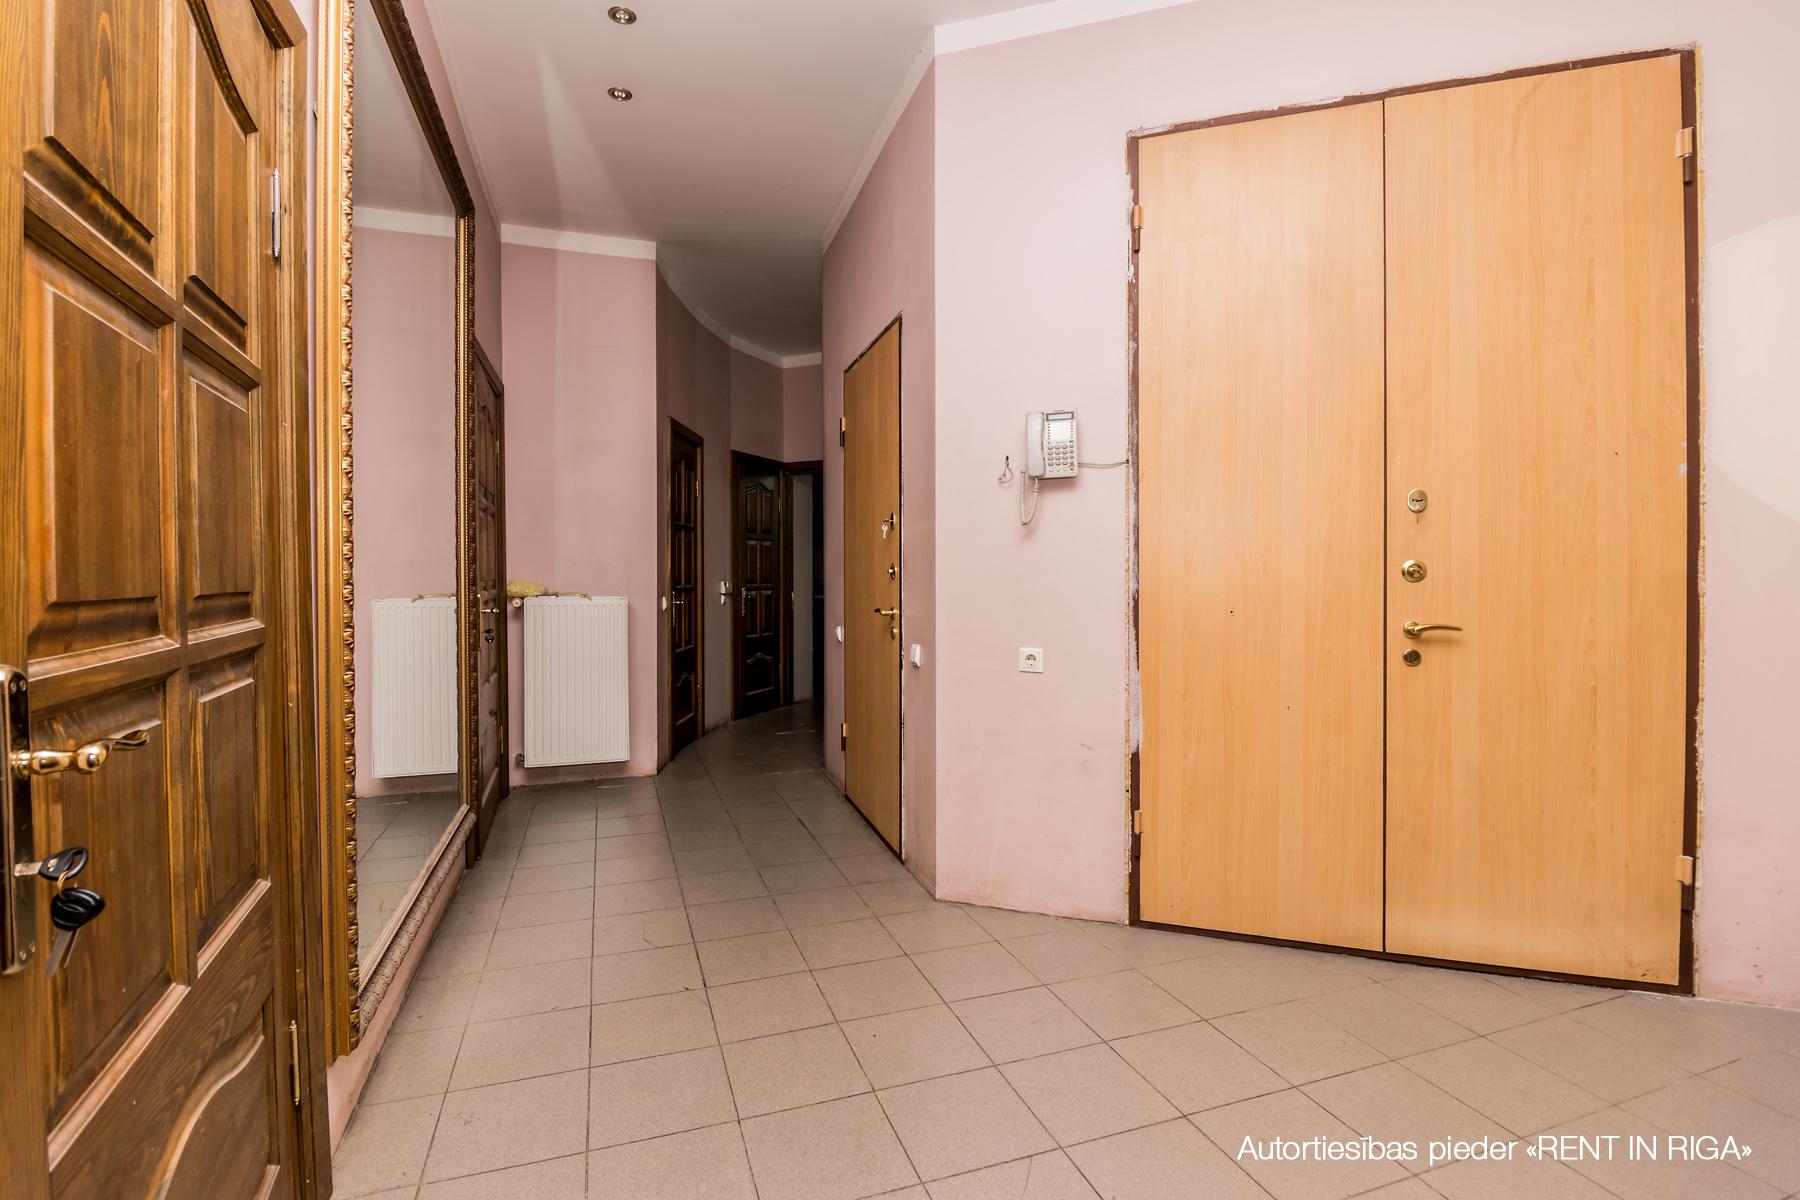 Pārdod dzīvokli, Lāčplēša iela 70b - Attēls 1